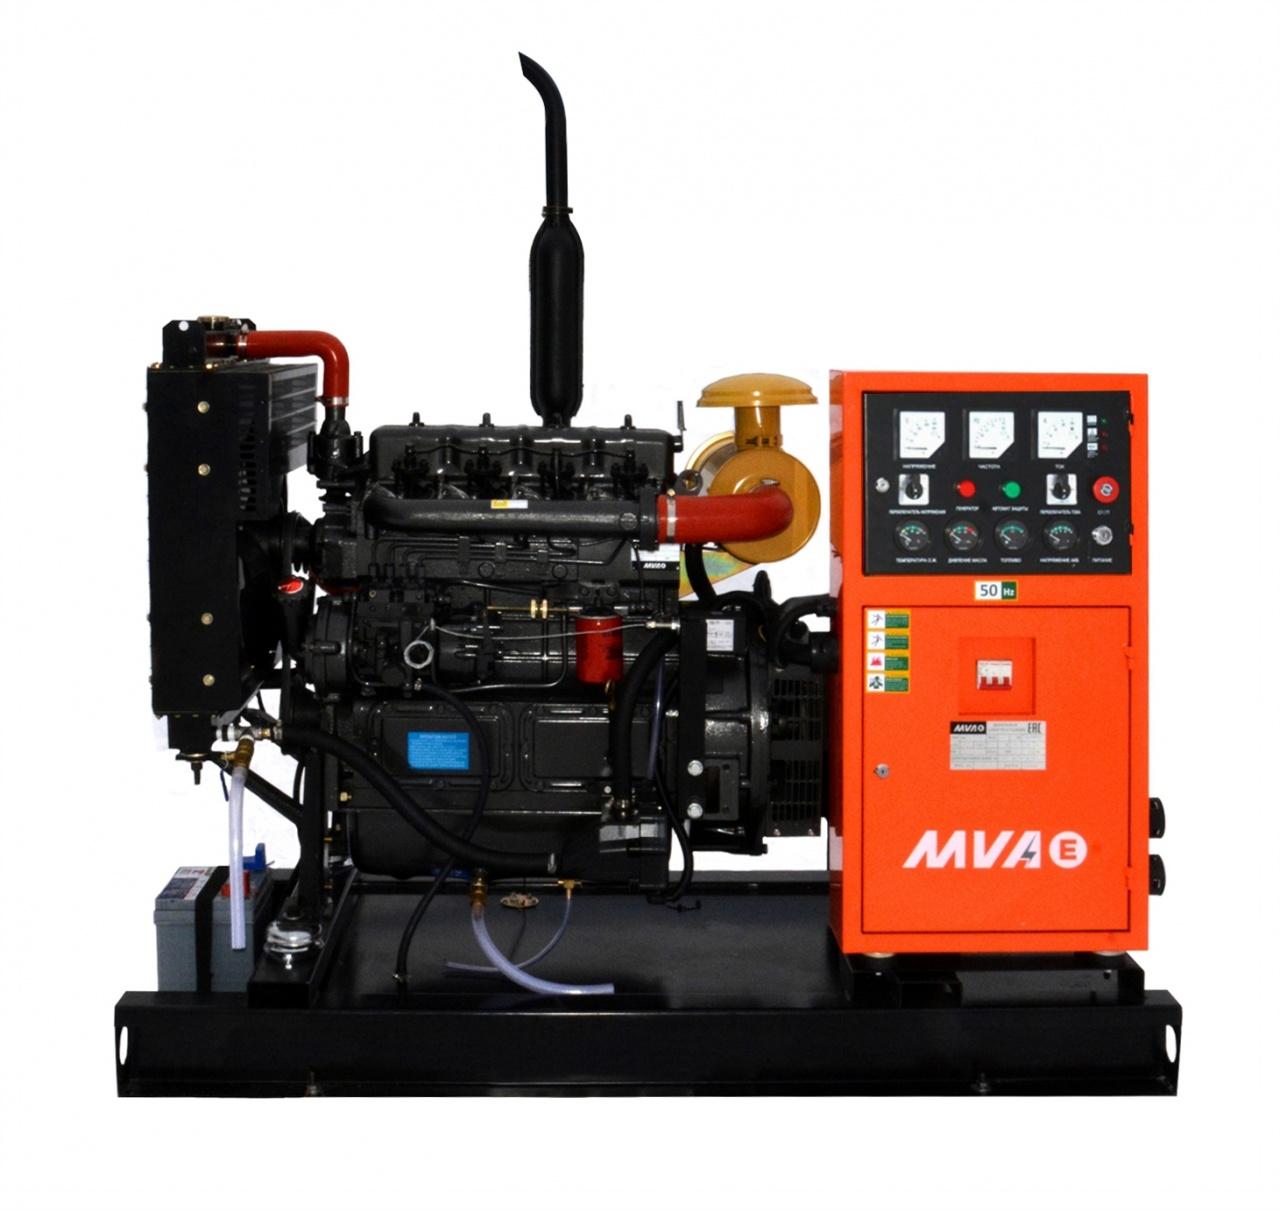 дизельная электростанция mvae ад-25-230-р